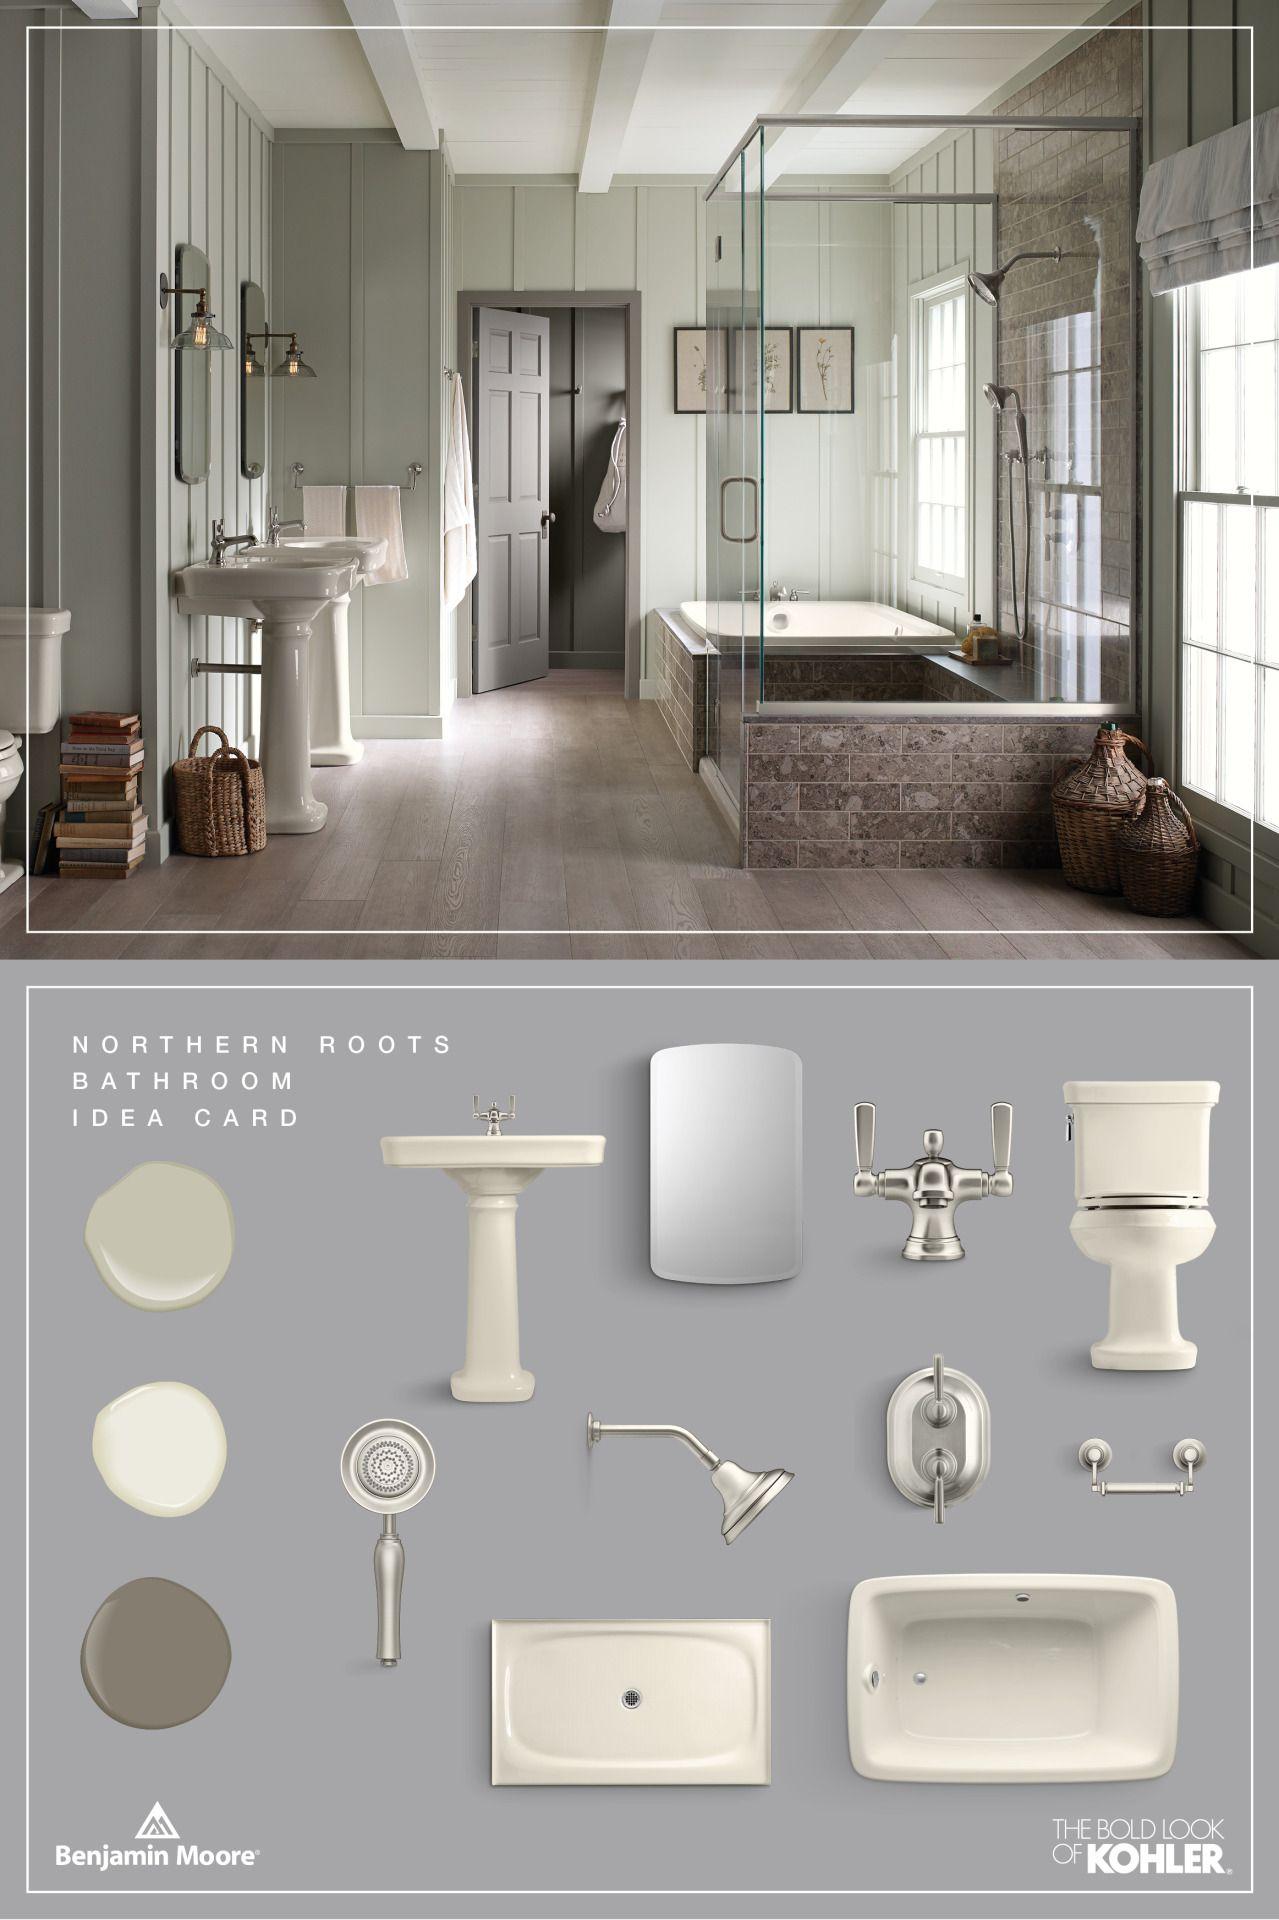 Kohler Product Salient Shower Base Bancroft Pedestal Sink Bancroft Faucet  Bancroft Toilet Bancroft Medicine Cabinet Bancroft